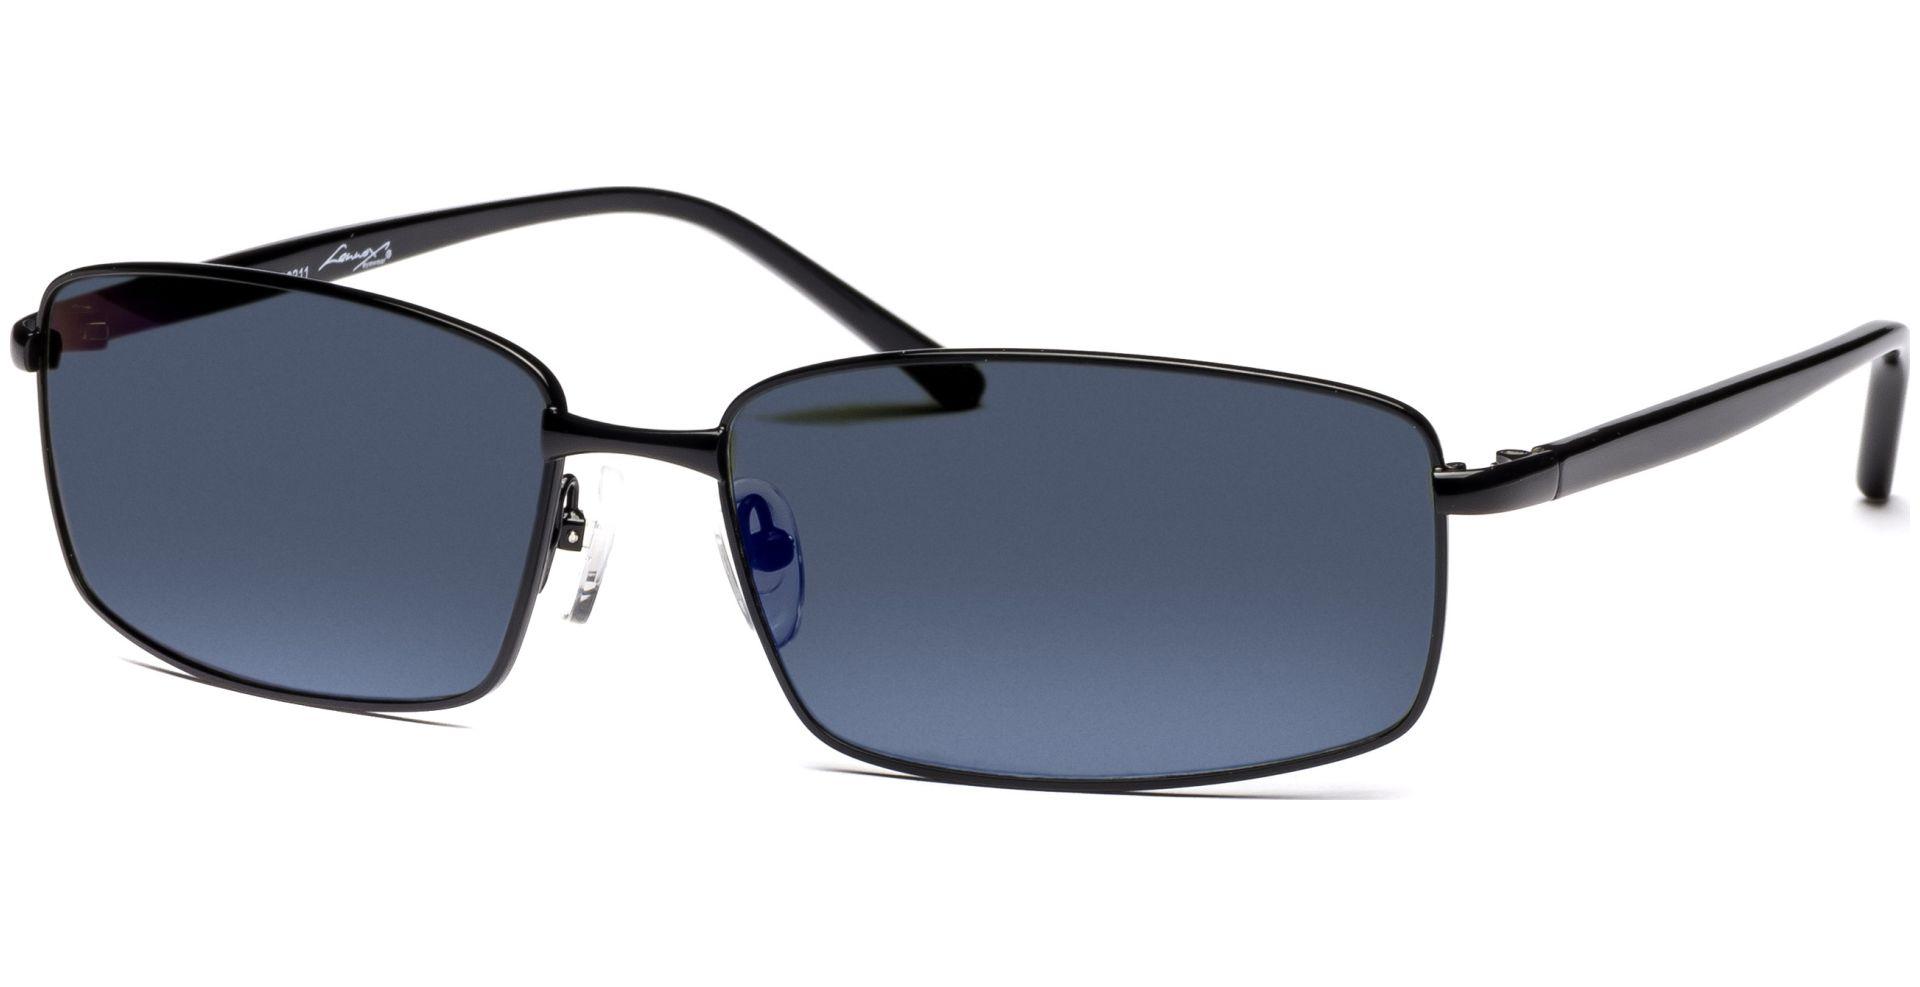 Lennox Eyewear - Dalibor 6216 schwarz - von Lensbest